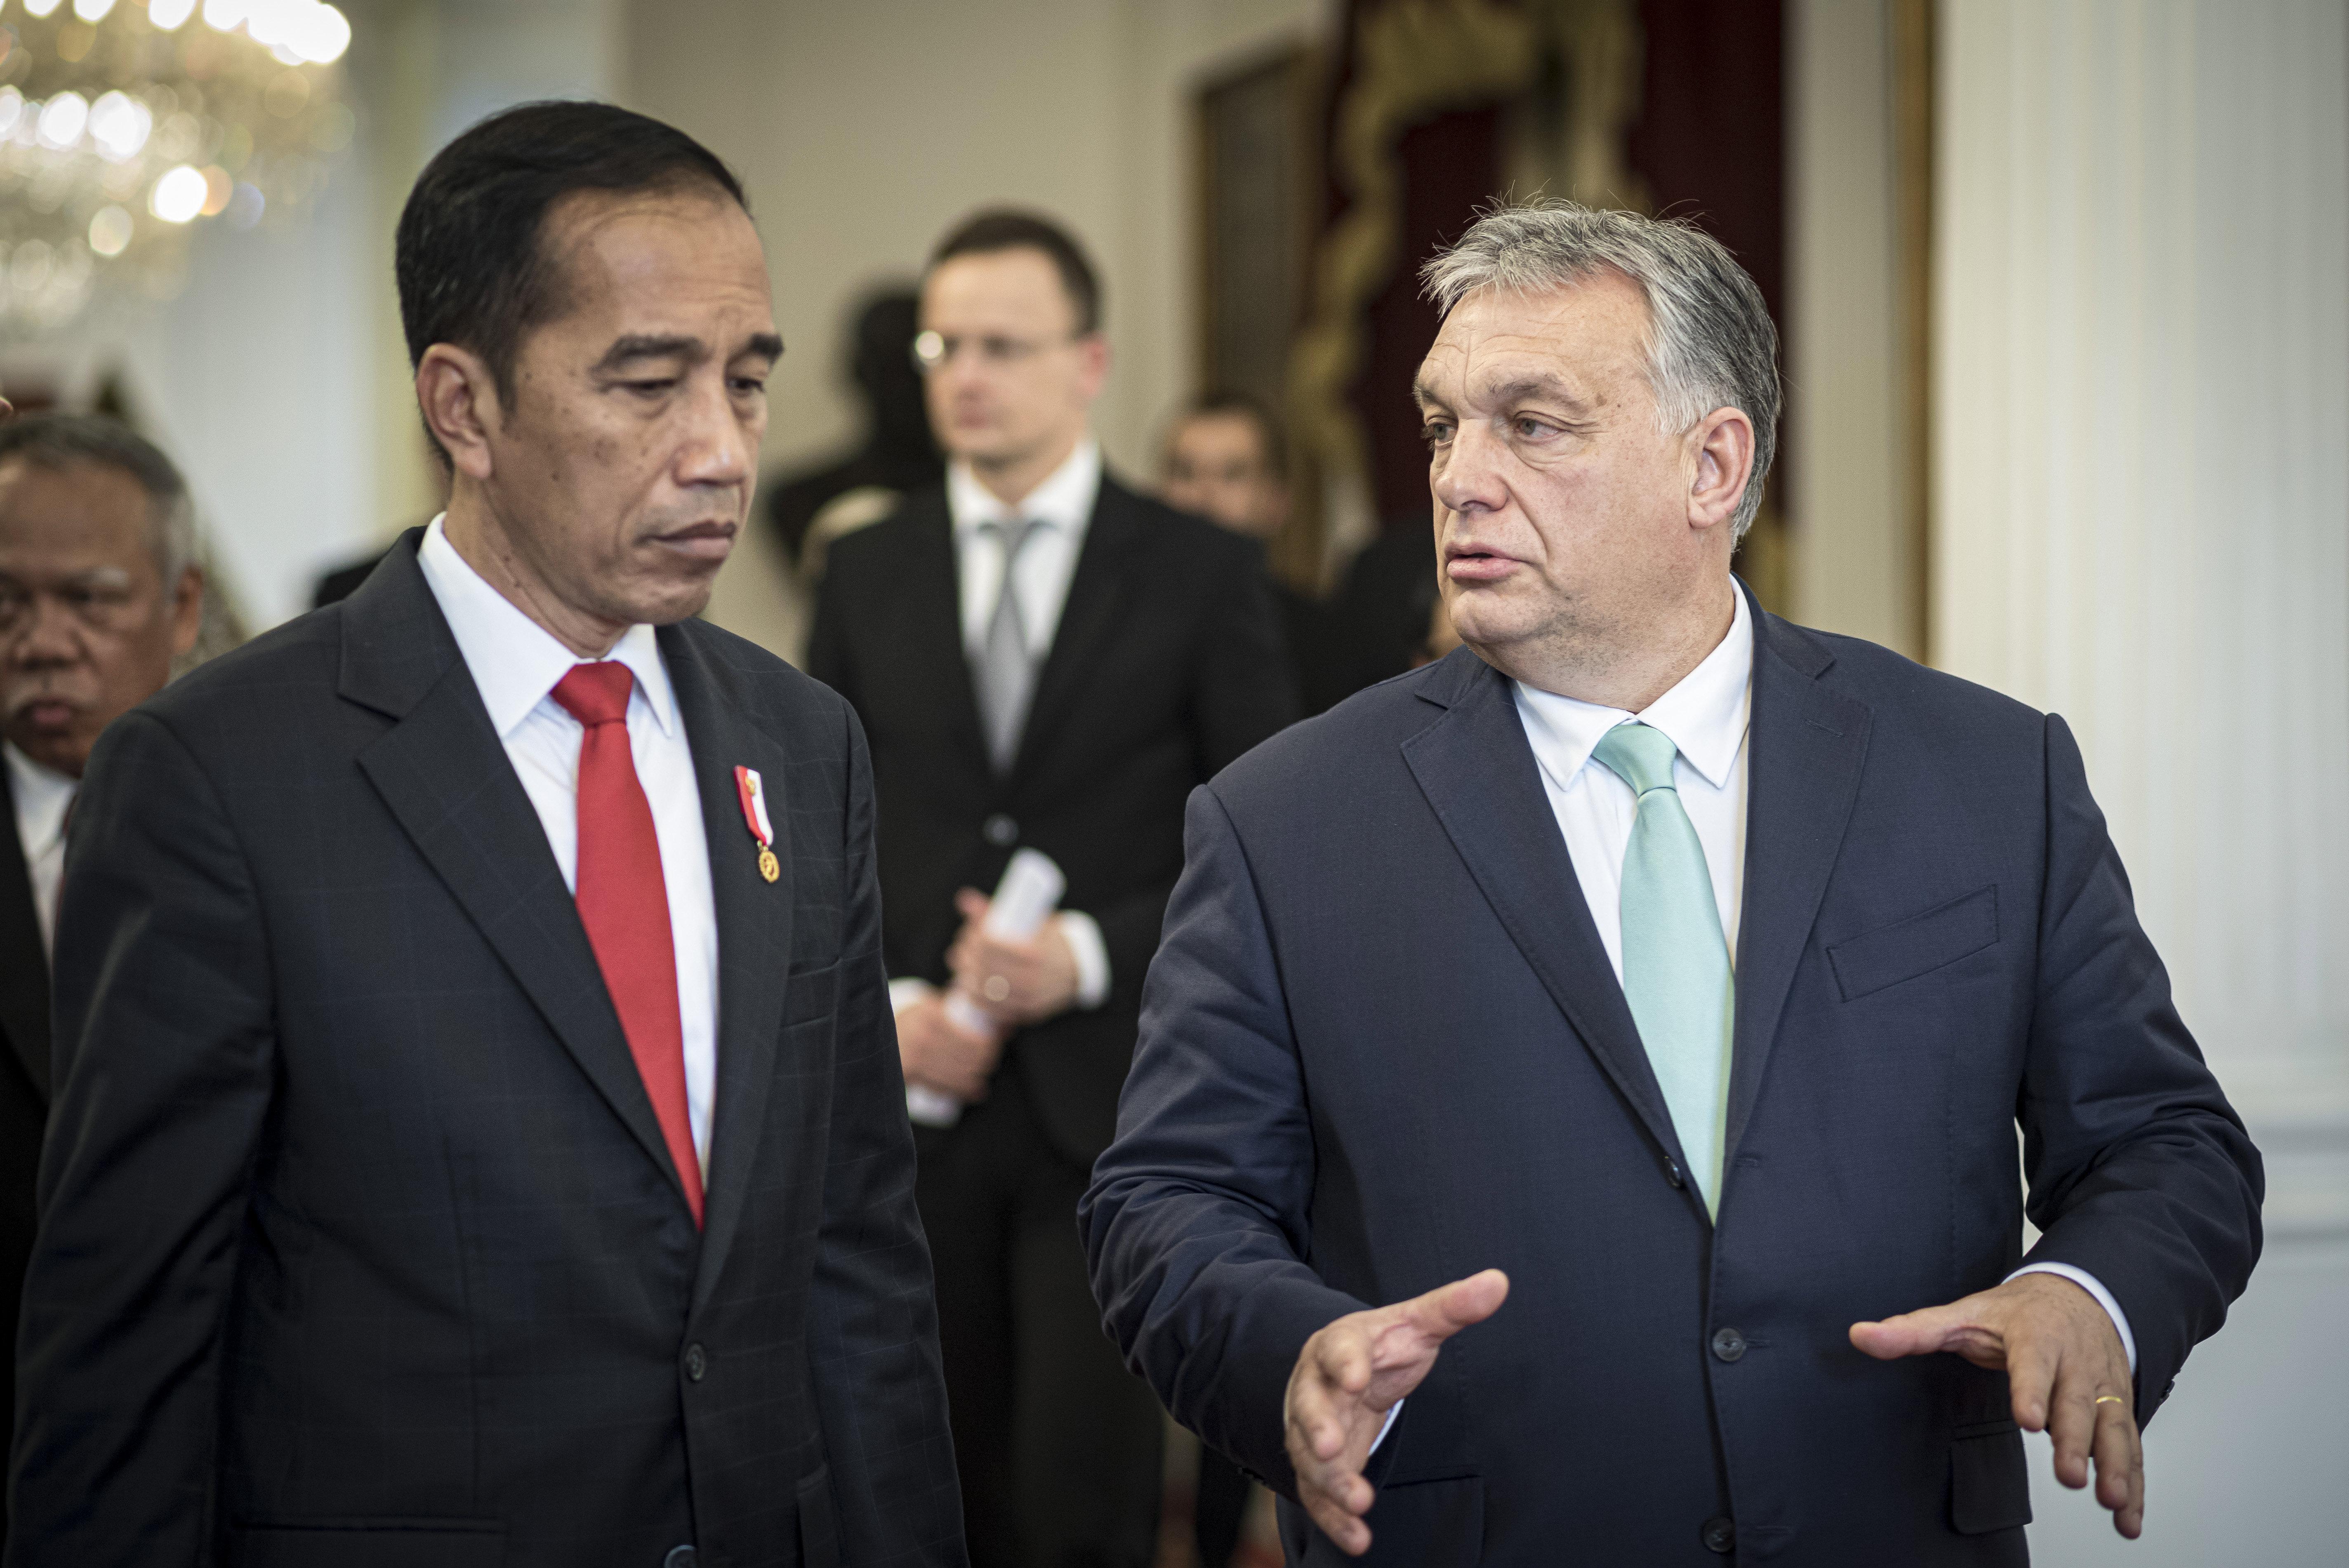 """Orbán: """"Gute Chancen für die Zusammenarbeit mit gemäßigten islamischen Parteien"""" post's picture"""